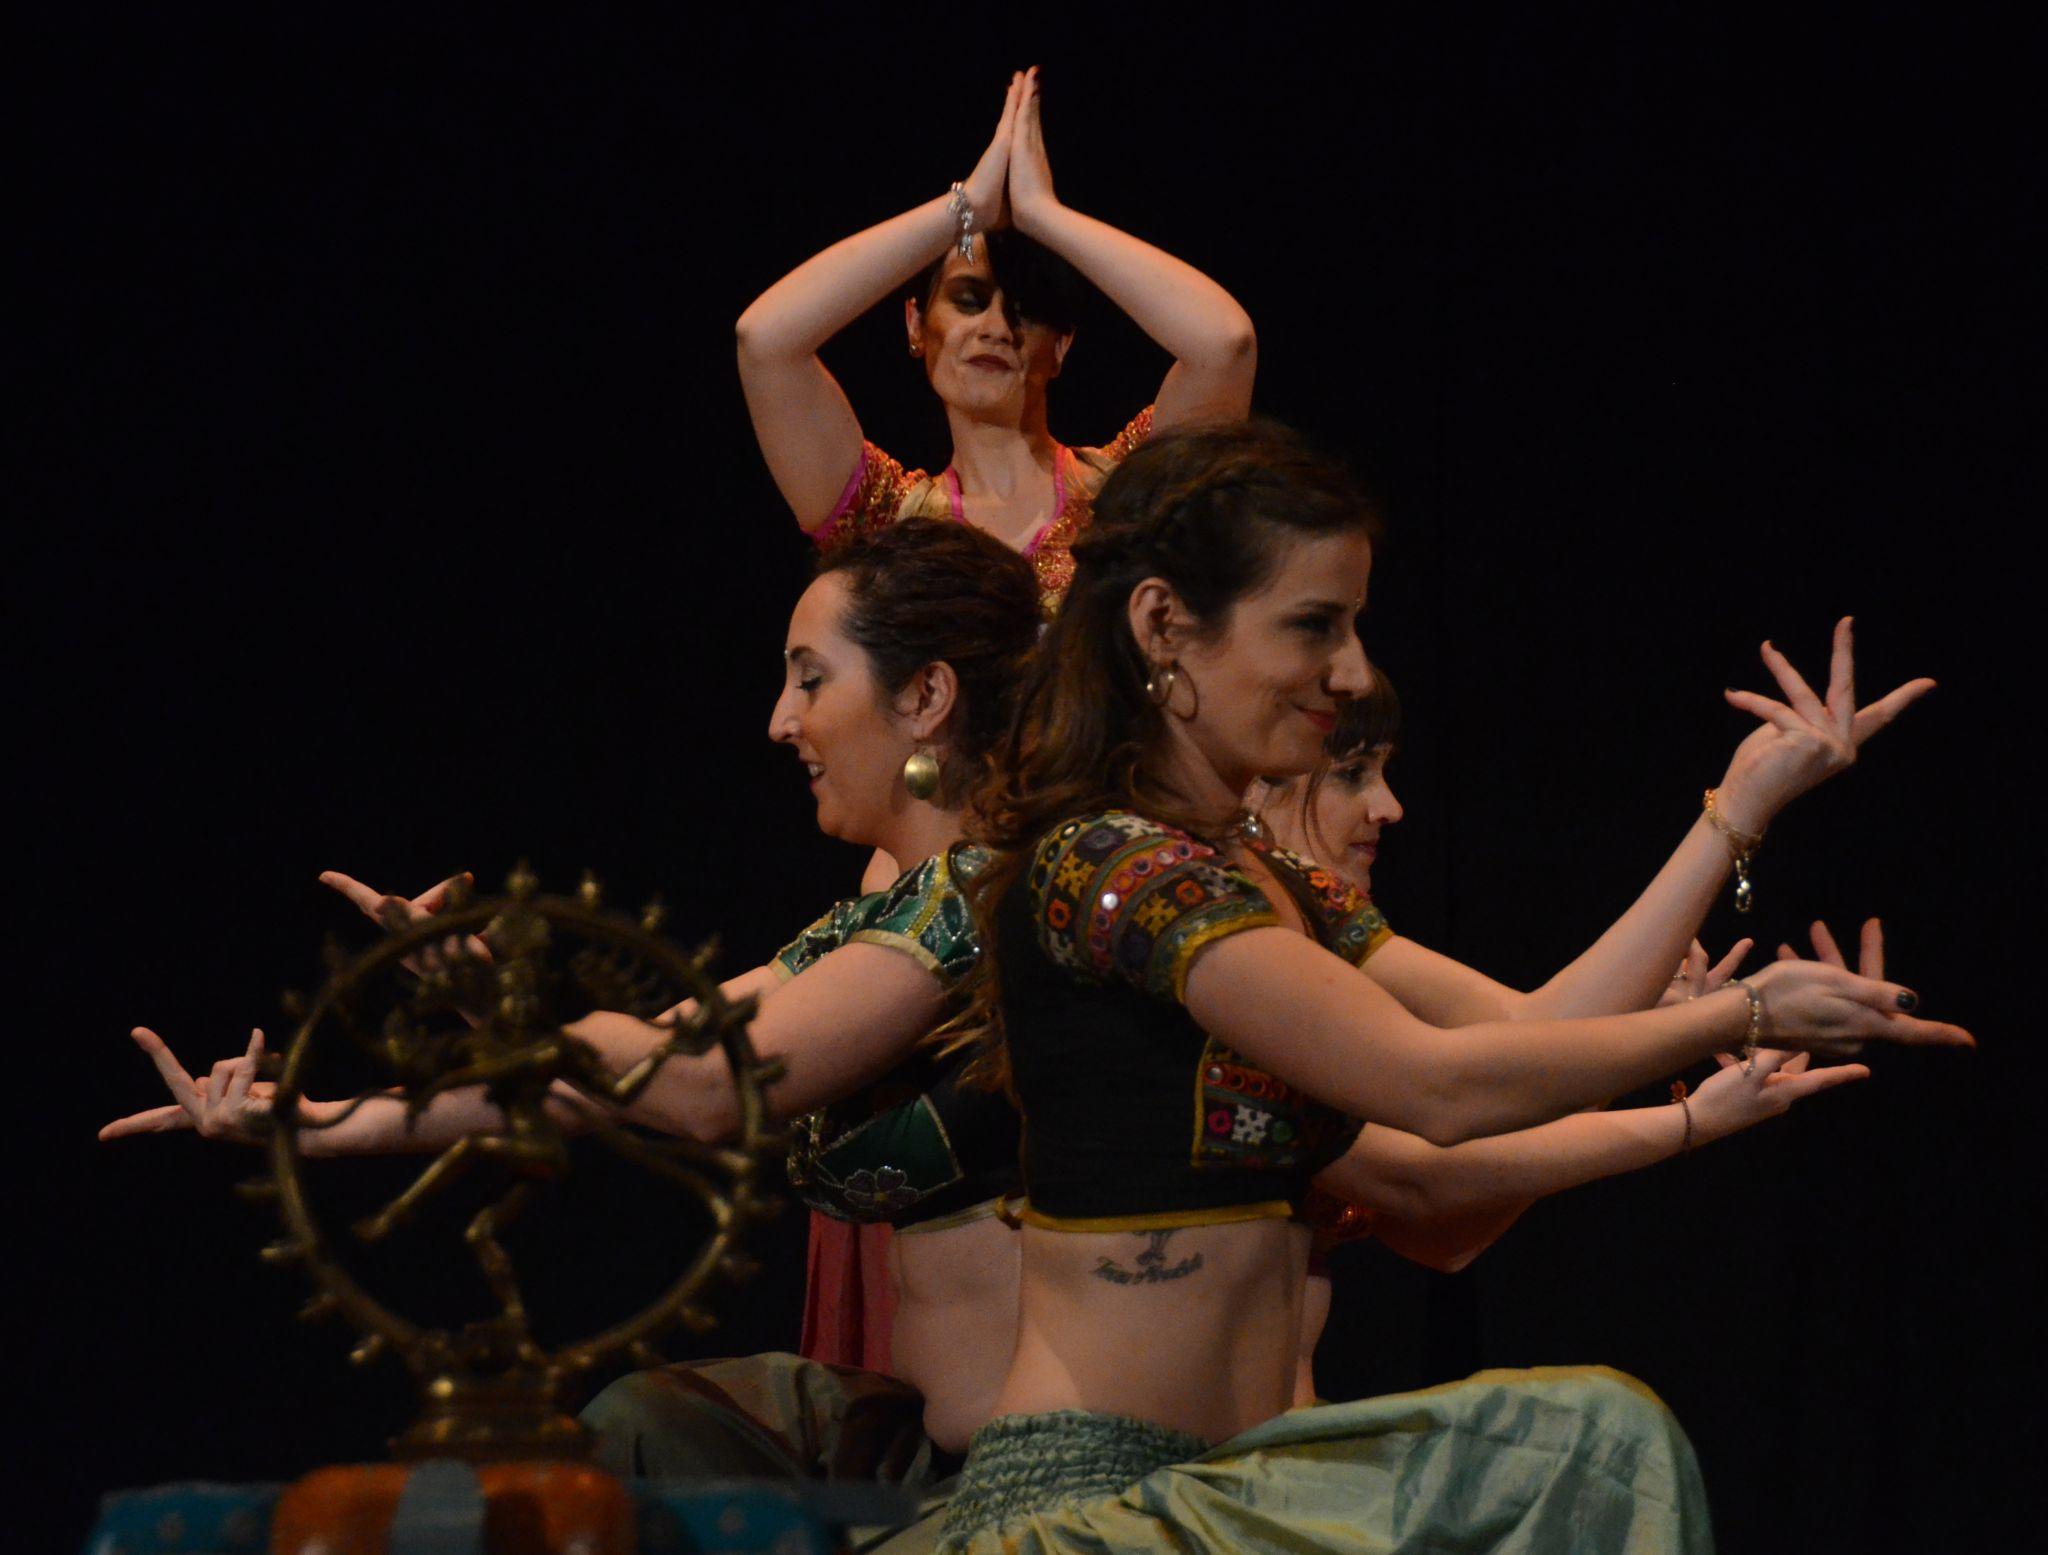 shivadasi_bollywood_las_tablas - escuela de danza - madrid